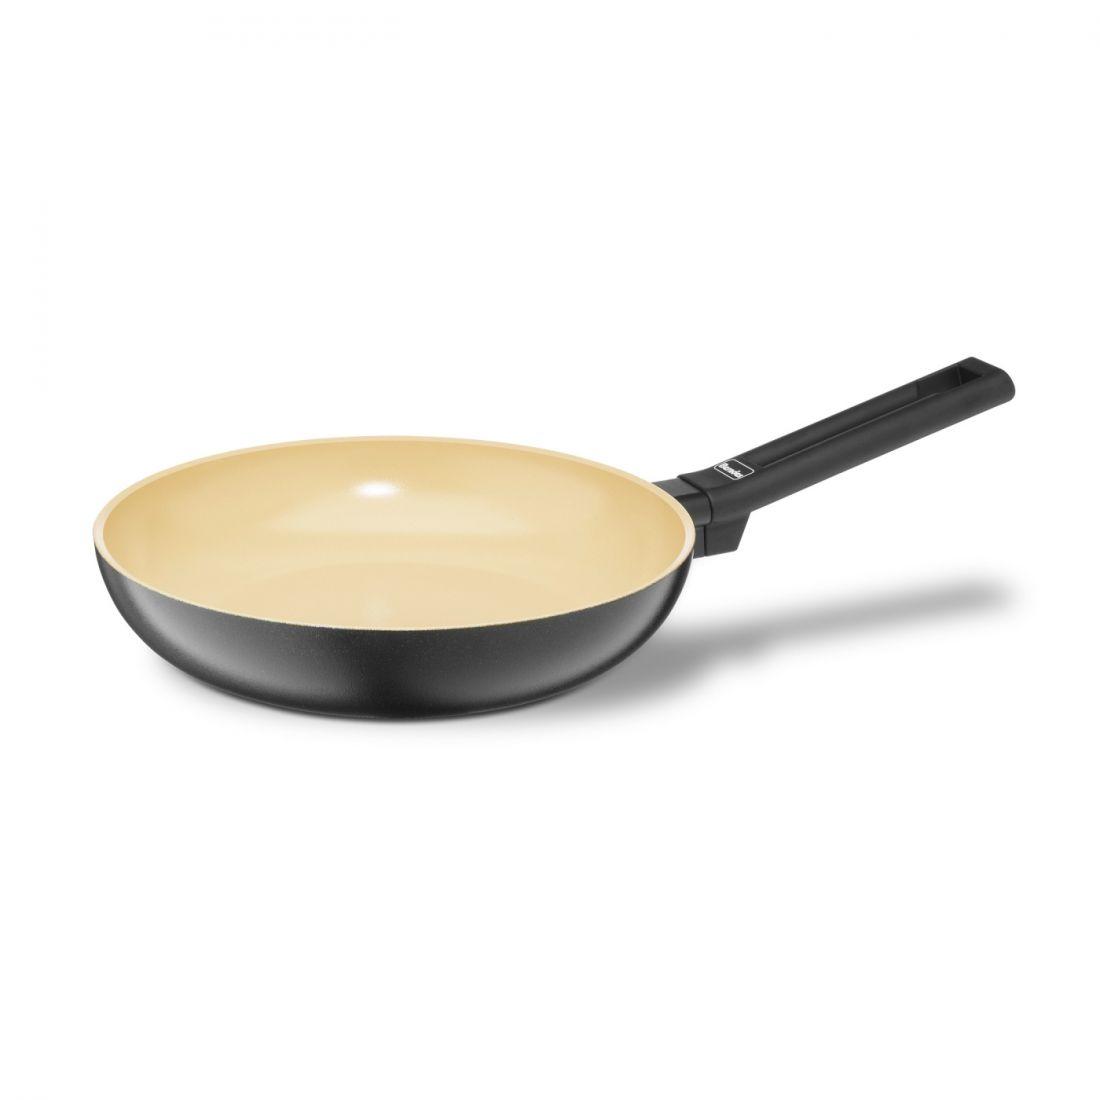 сковорода 24 - Berndes CERABASE TREND